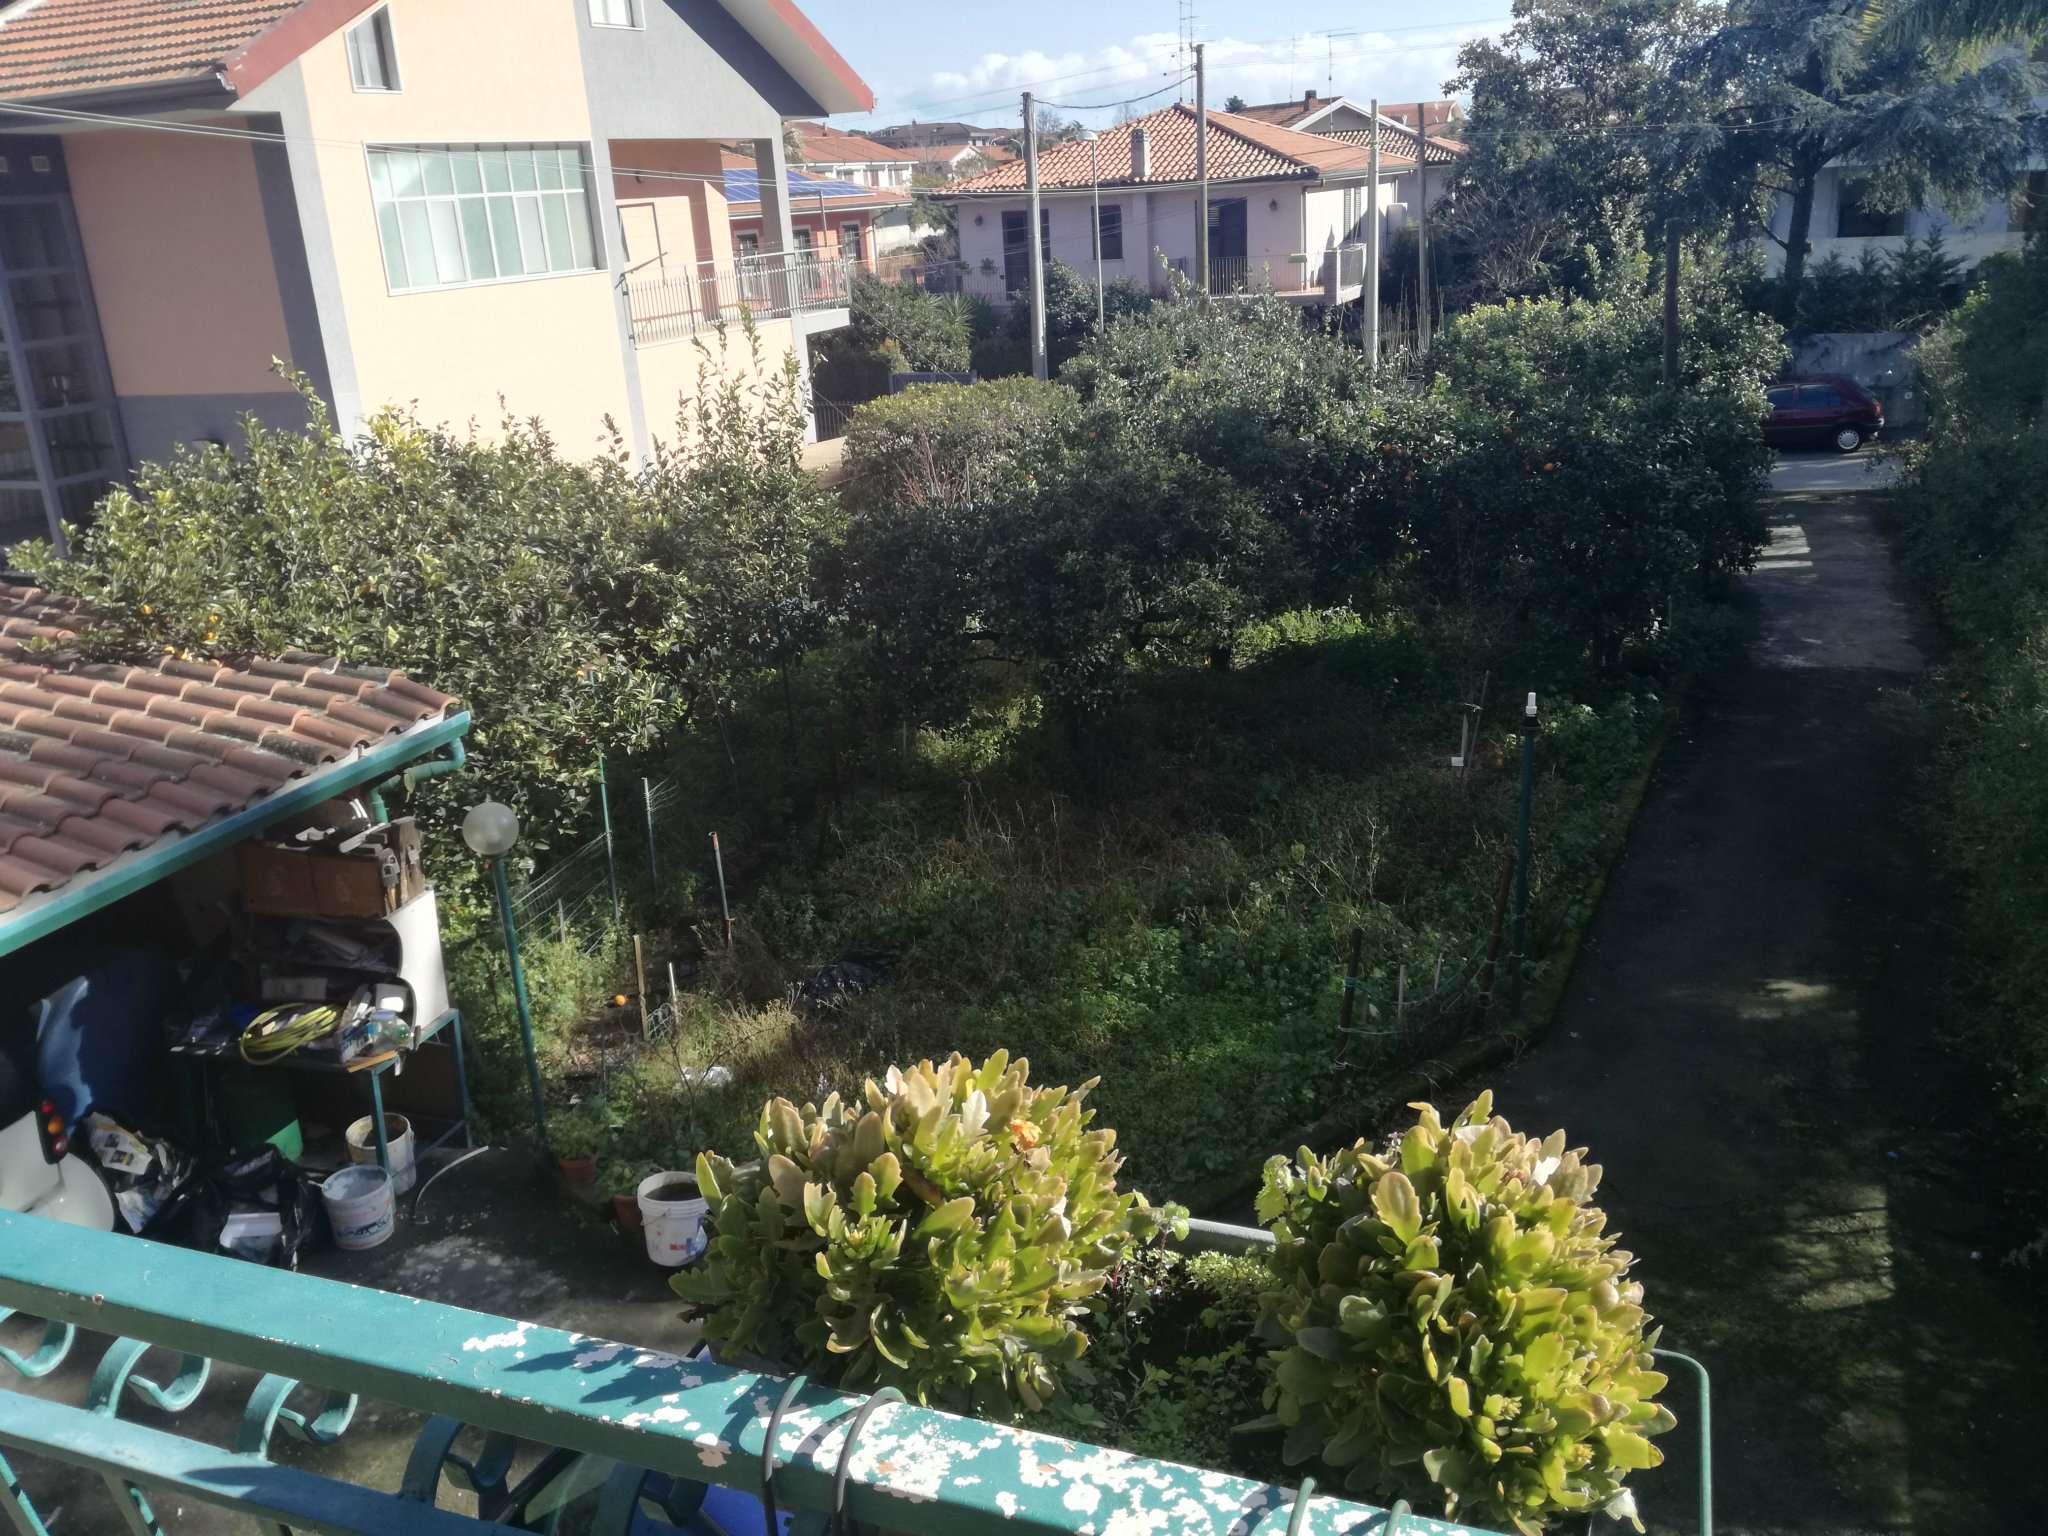 Villa in vendita a Tremestieri Etneo, 7 locali, prezzo € 280.000 | CambioCasa.it